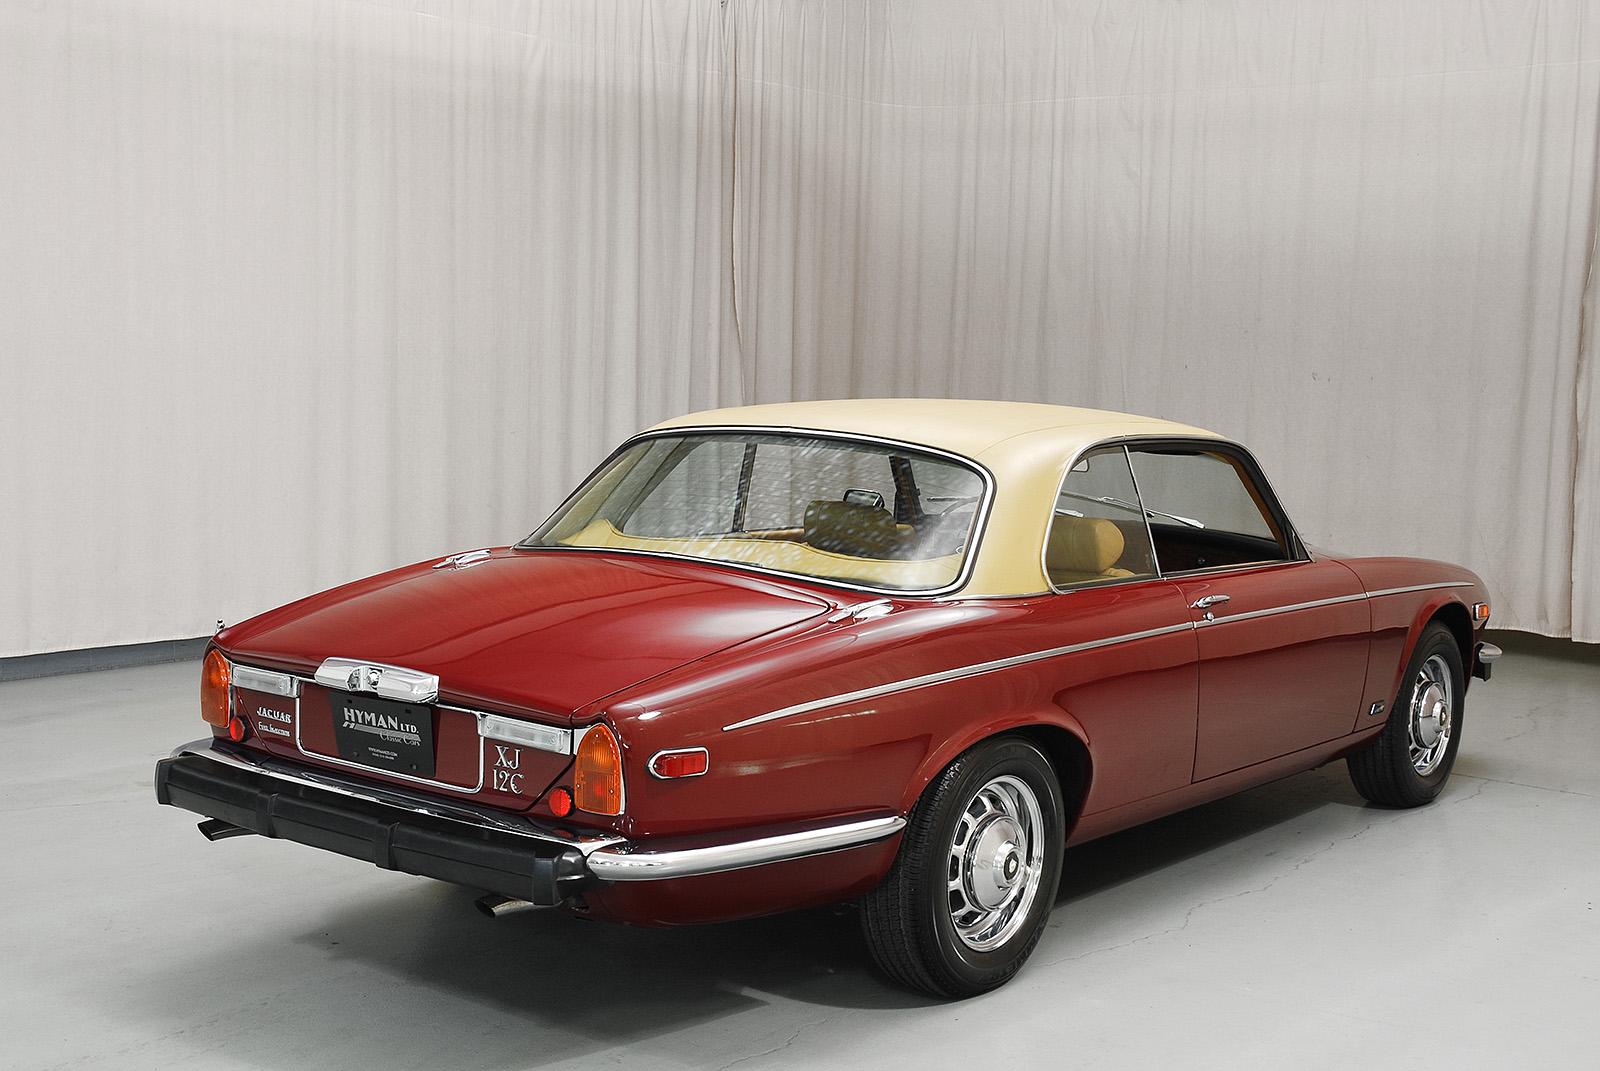 1975 Jaguar XJ12C Coupe Sold by Hyman LTD   Classic Cars